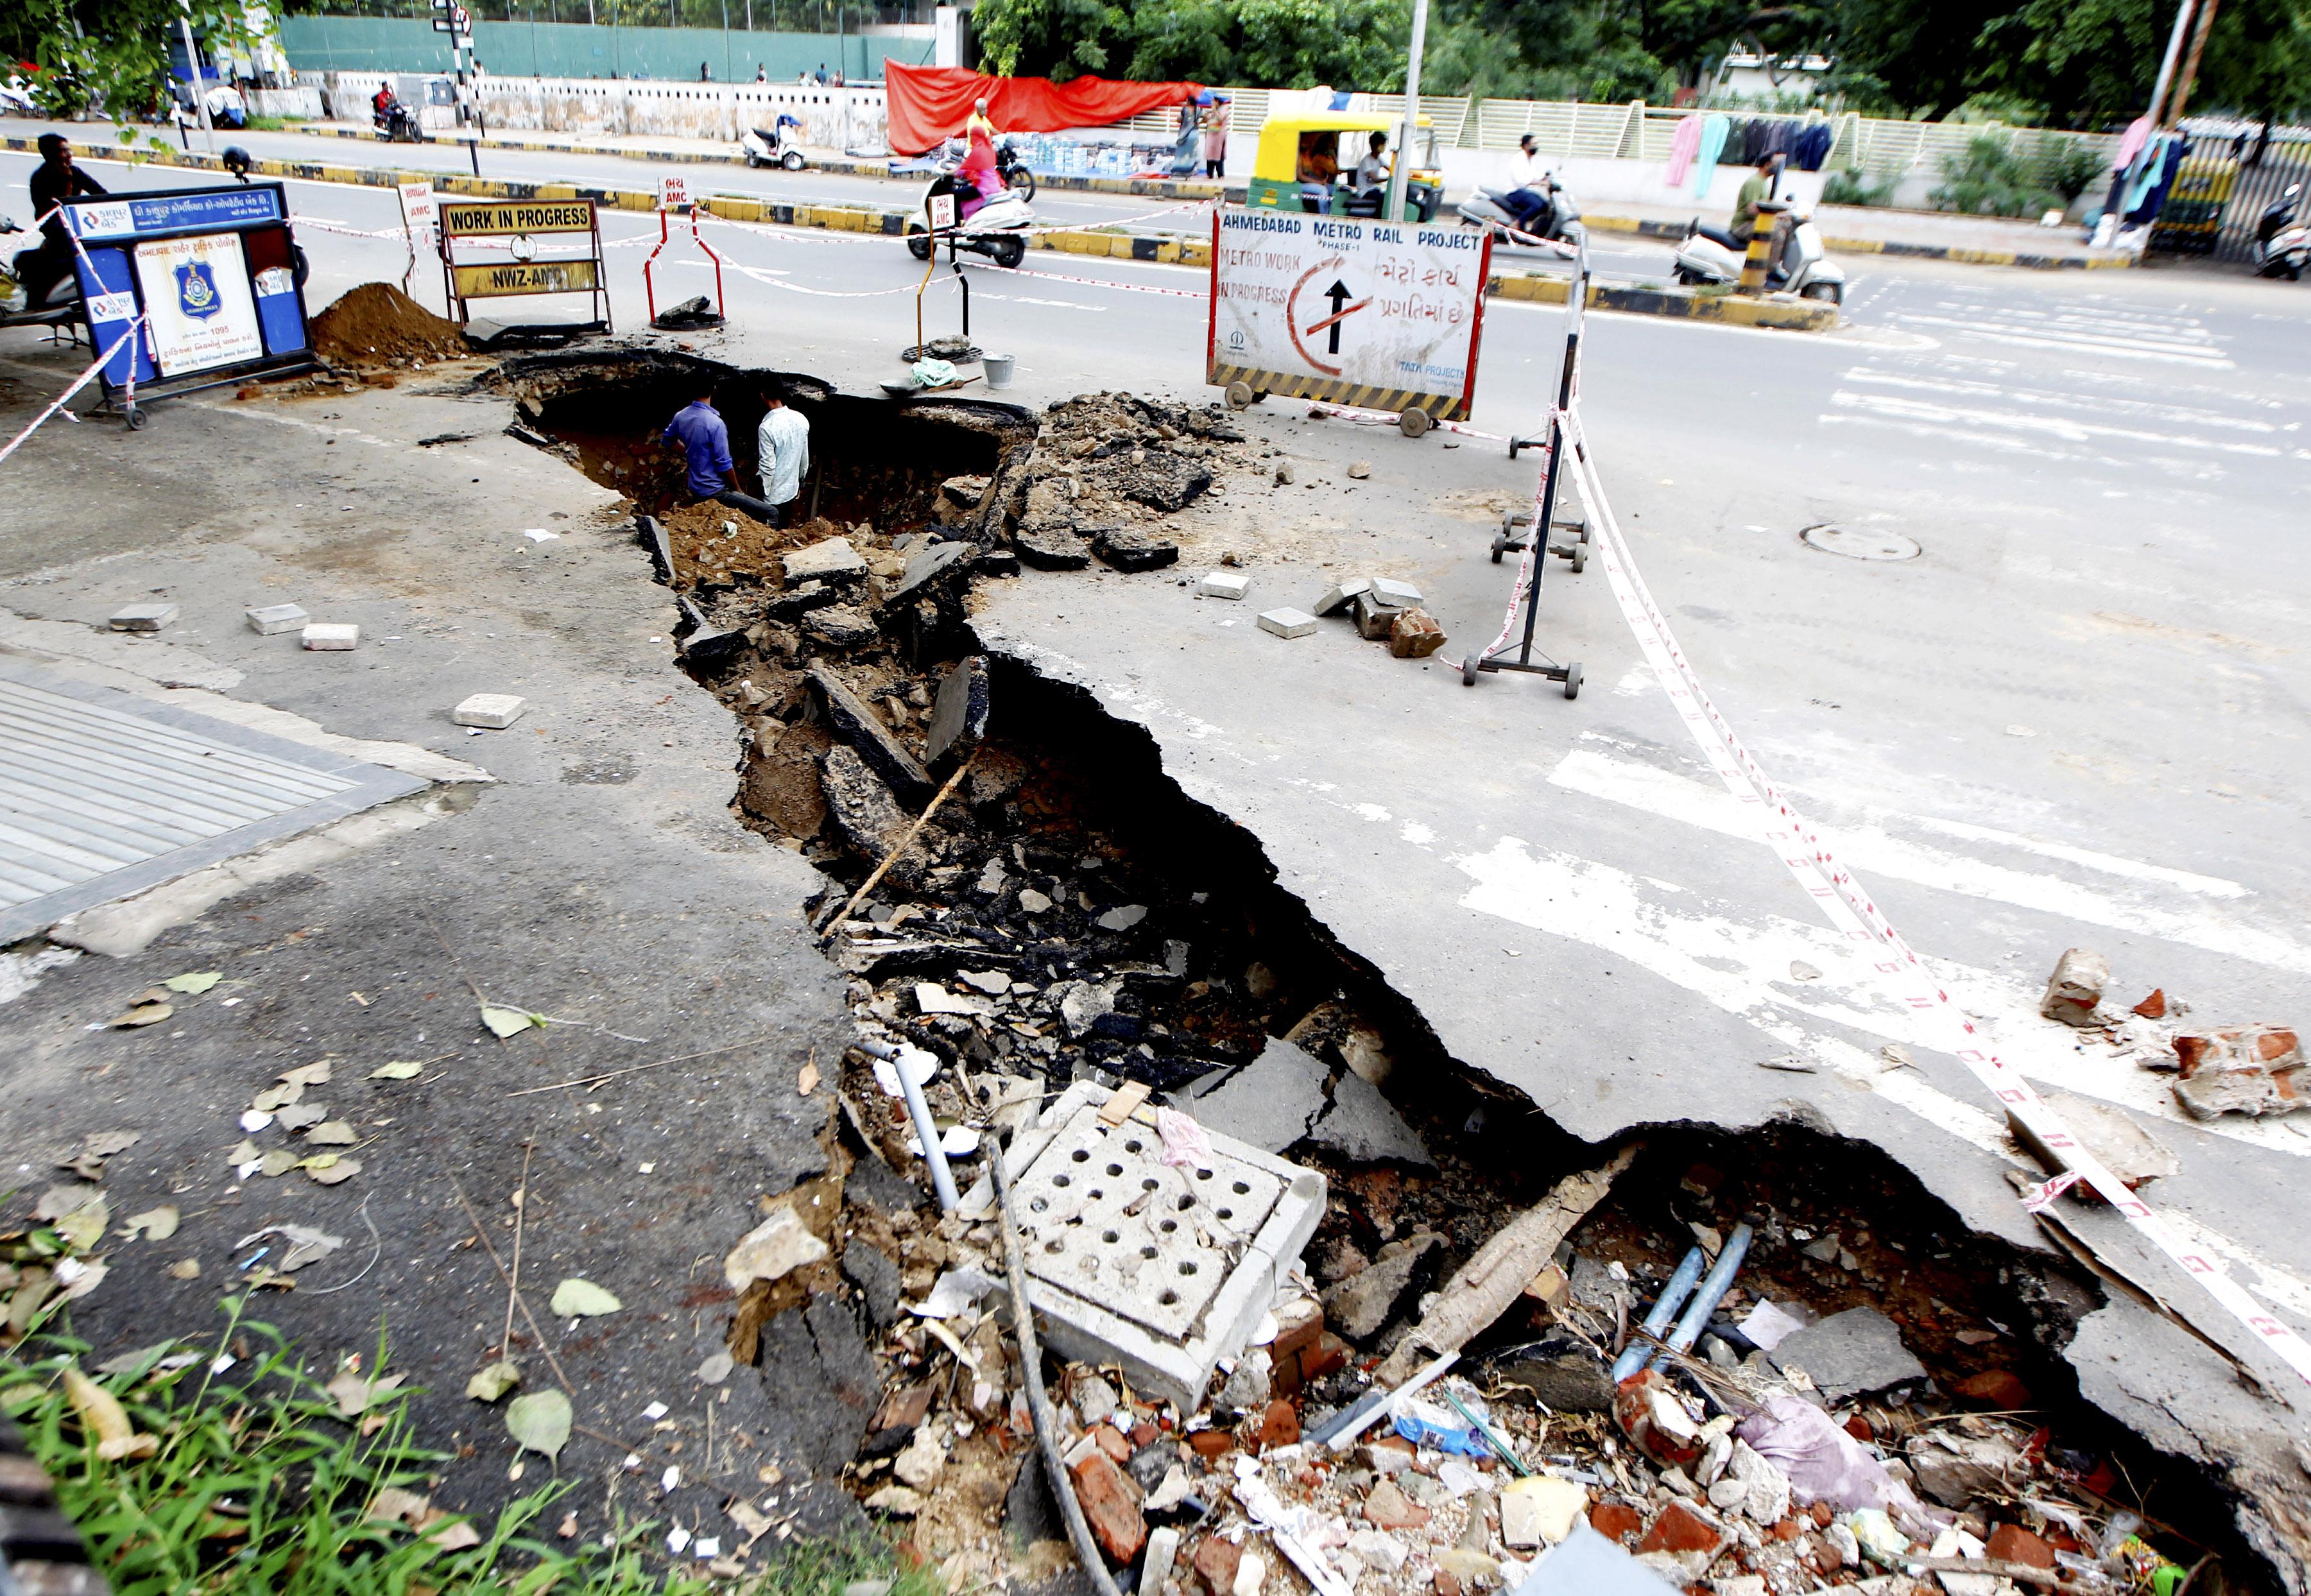 गुजरात के अहमदाबाद में बारिश के बाद सड़क धंस गई।